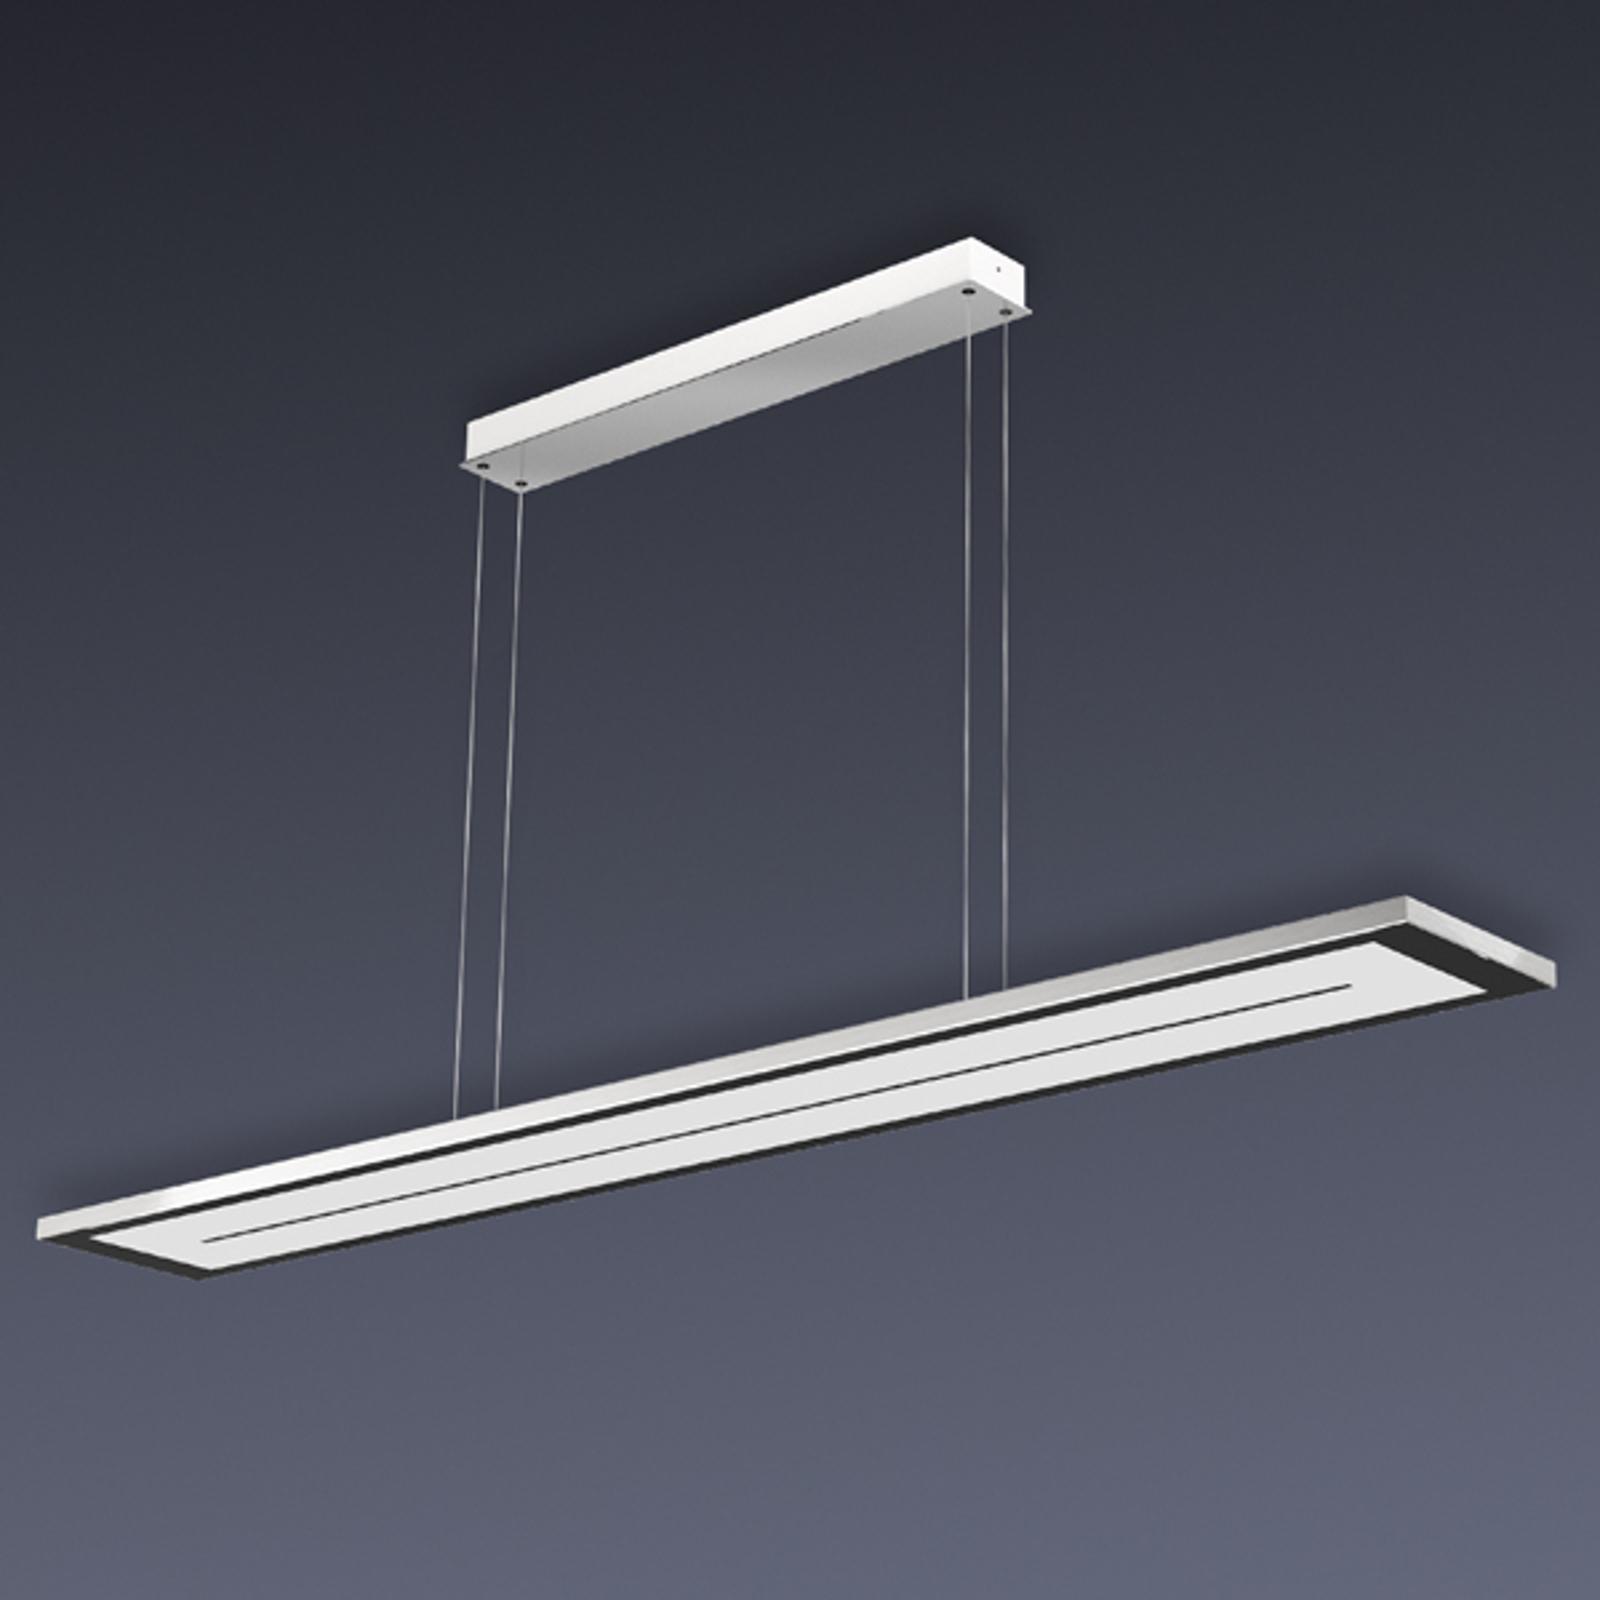 Lámpara LED colgante Zen atenuable - 108 cm